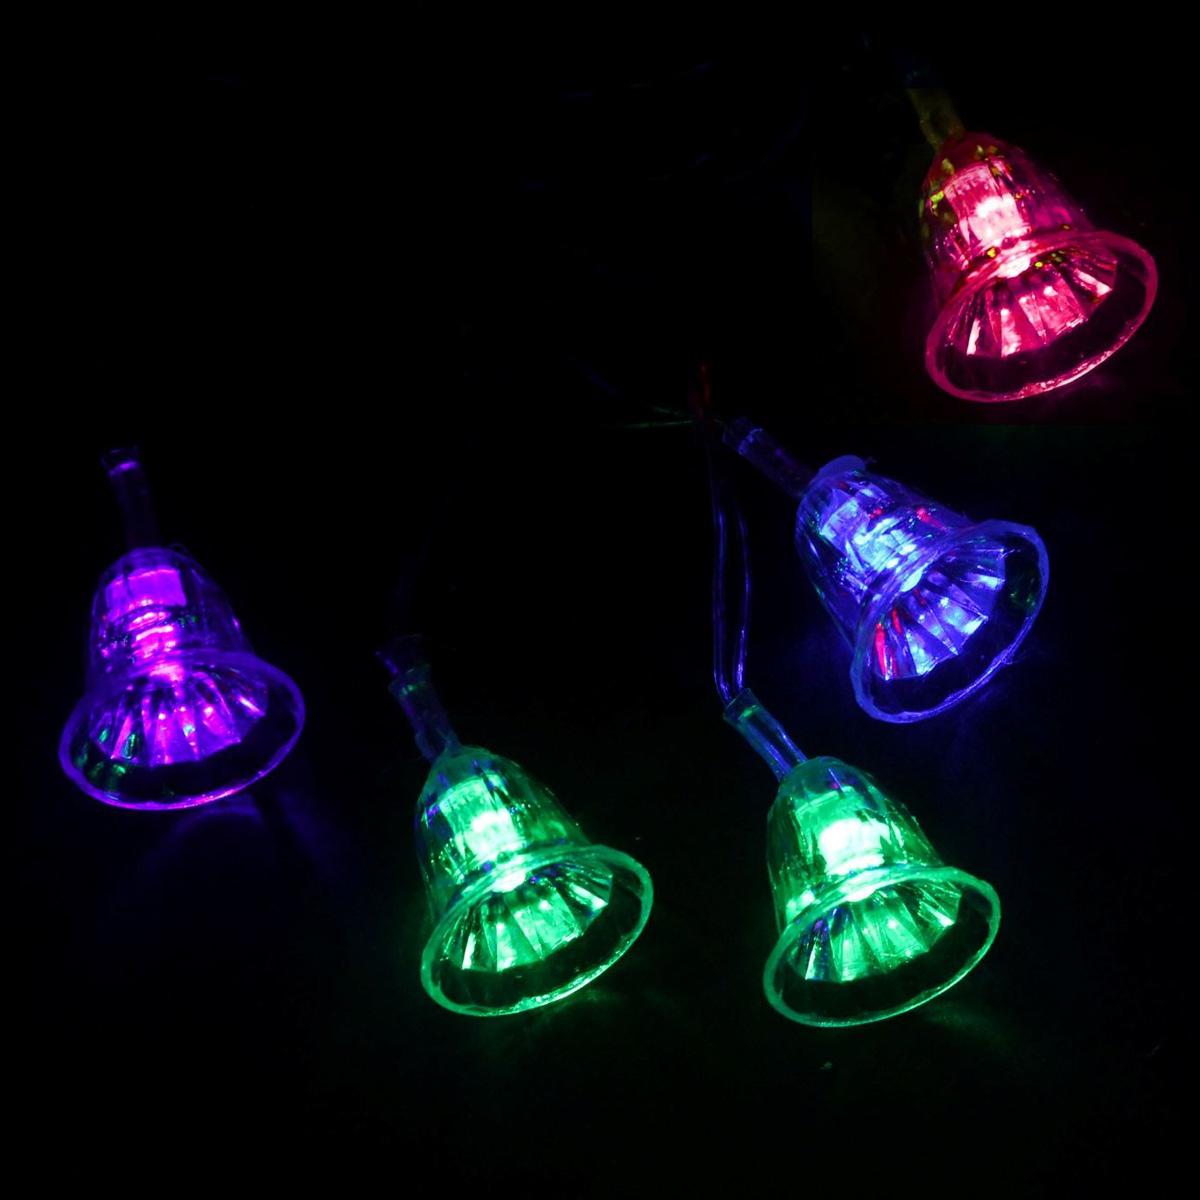 Гирлянда светодиодная Luazon Метраж. Колокольчики, 20 ламп, 220 V, длина 5 м541537Светодиодные гирлянды и ленты — это отличный вариант для новогоднего оформления интерьера или фасада. С их помощью помещение любого размера можно превратить в праздничный зал, а внешние элементы зданий, украшенные ими, мгновенно станут напоминать очертания сказочного дворца. Такие украшения создают ауру предвкушения чуда. Деревья, фасады, витрины, окна и арки будто специально созданы, чтобы вы украсили их светящимися нитями.